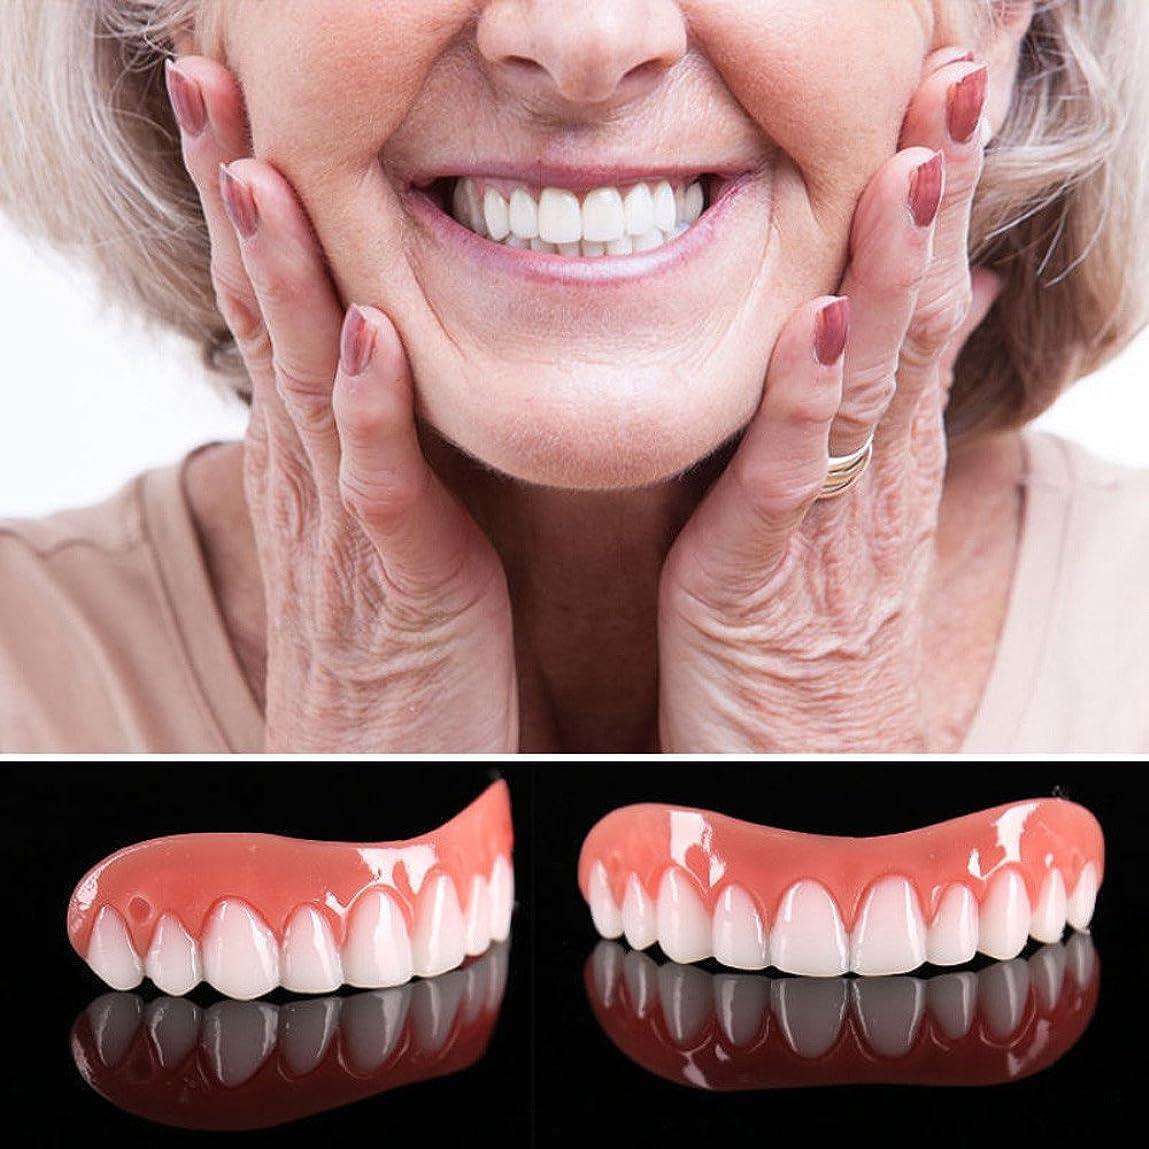 スプーン人道的性的5ピースアッパーフェイク歯科用ベニアコンフォートフィット歯トップ化粧品ベニアワンサイズフィットすべての義歯接着剤歯偽義歯歯笑顔